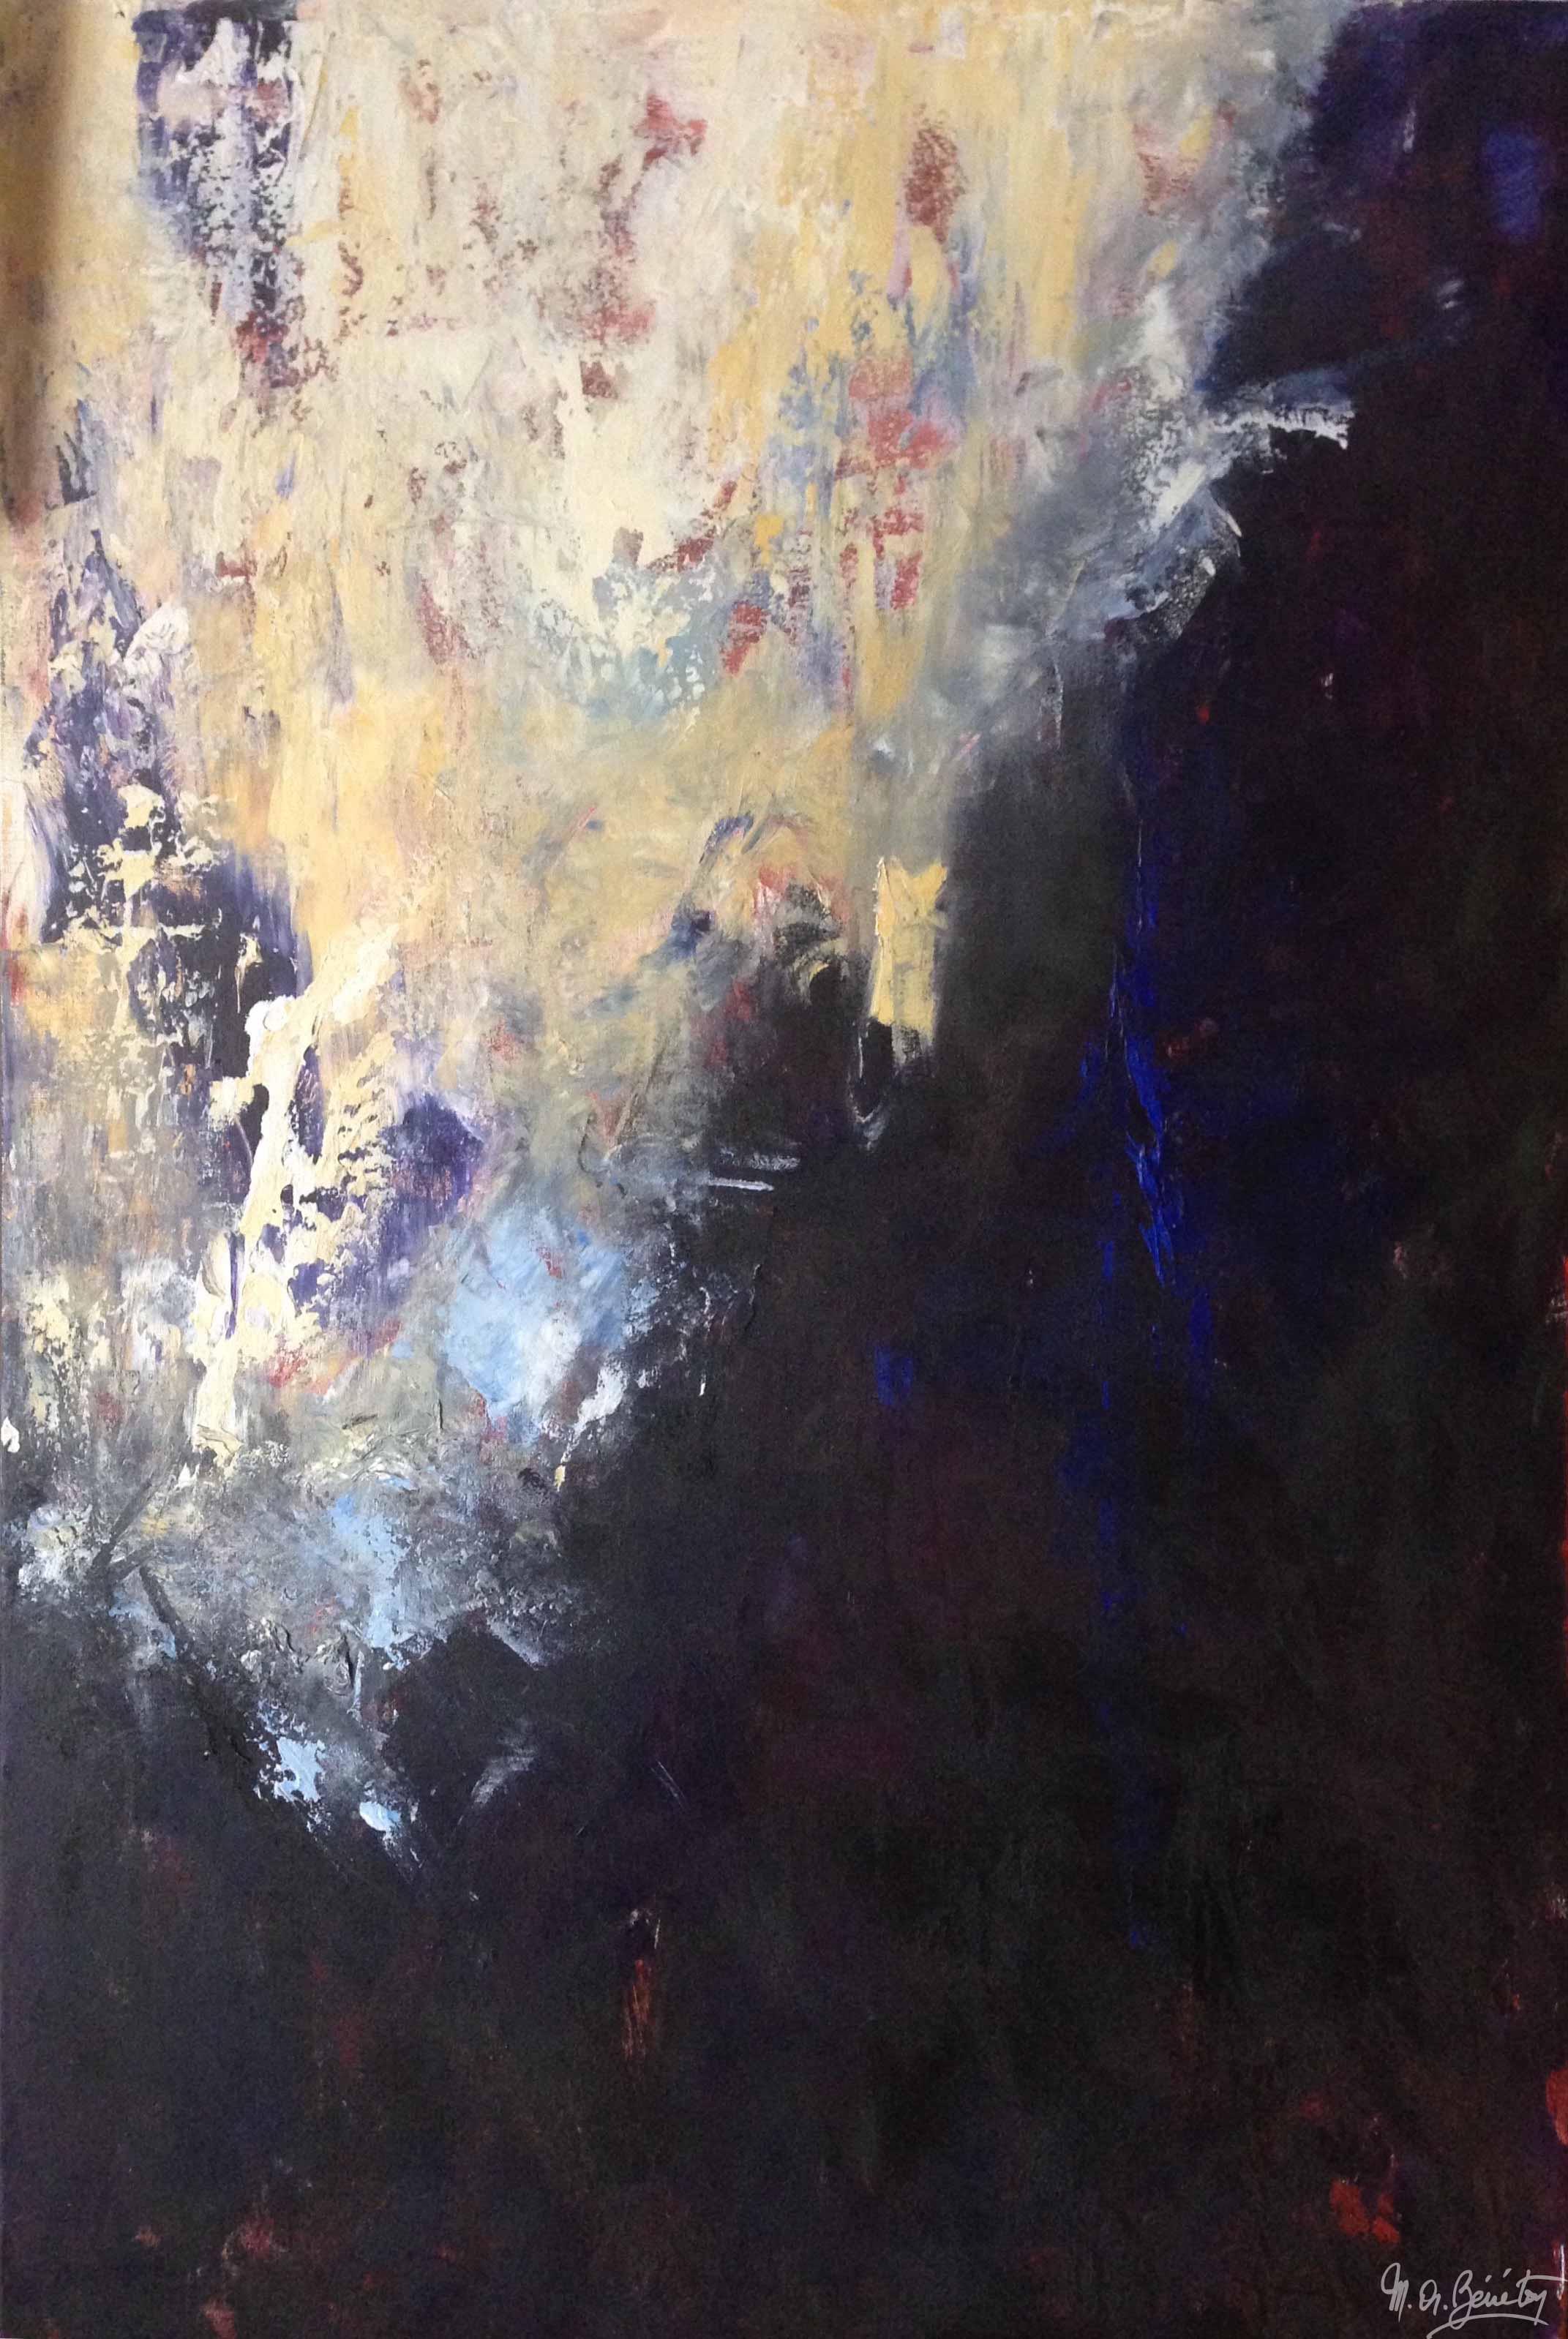 Abstrait #15 - Acrylique sur toile - H150 cm * L100 cm